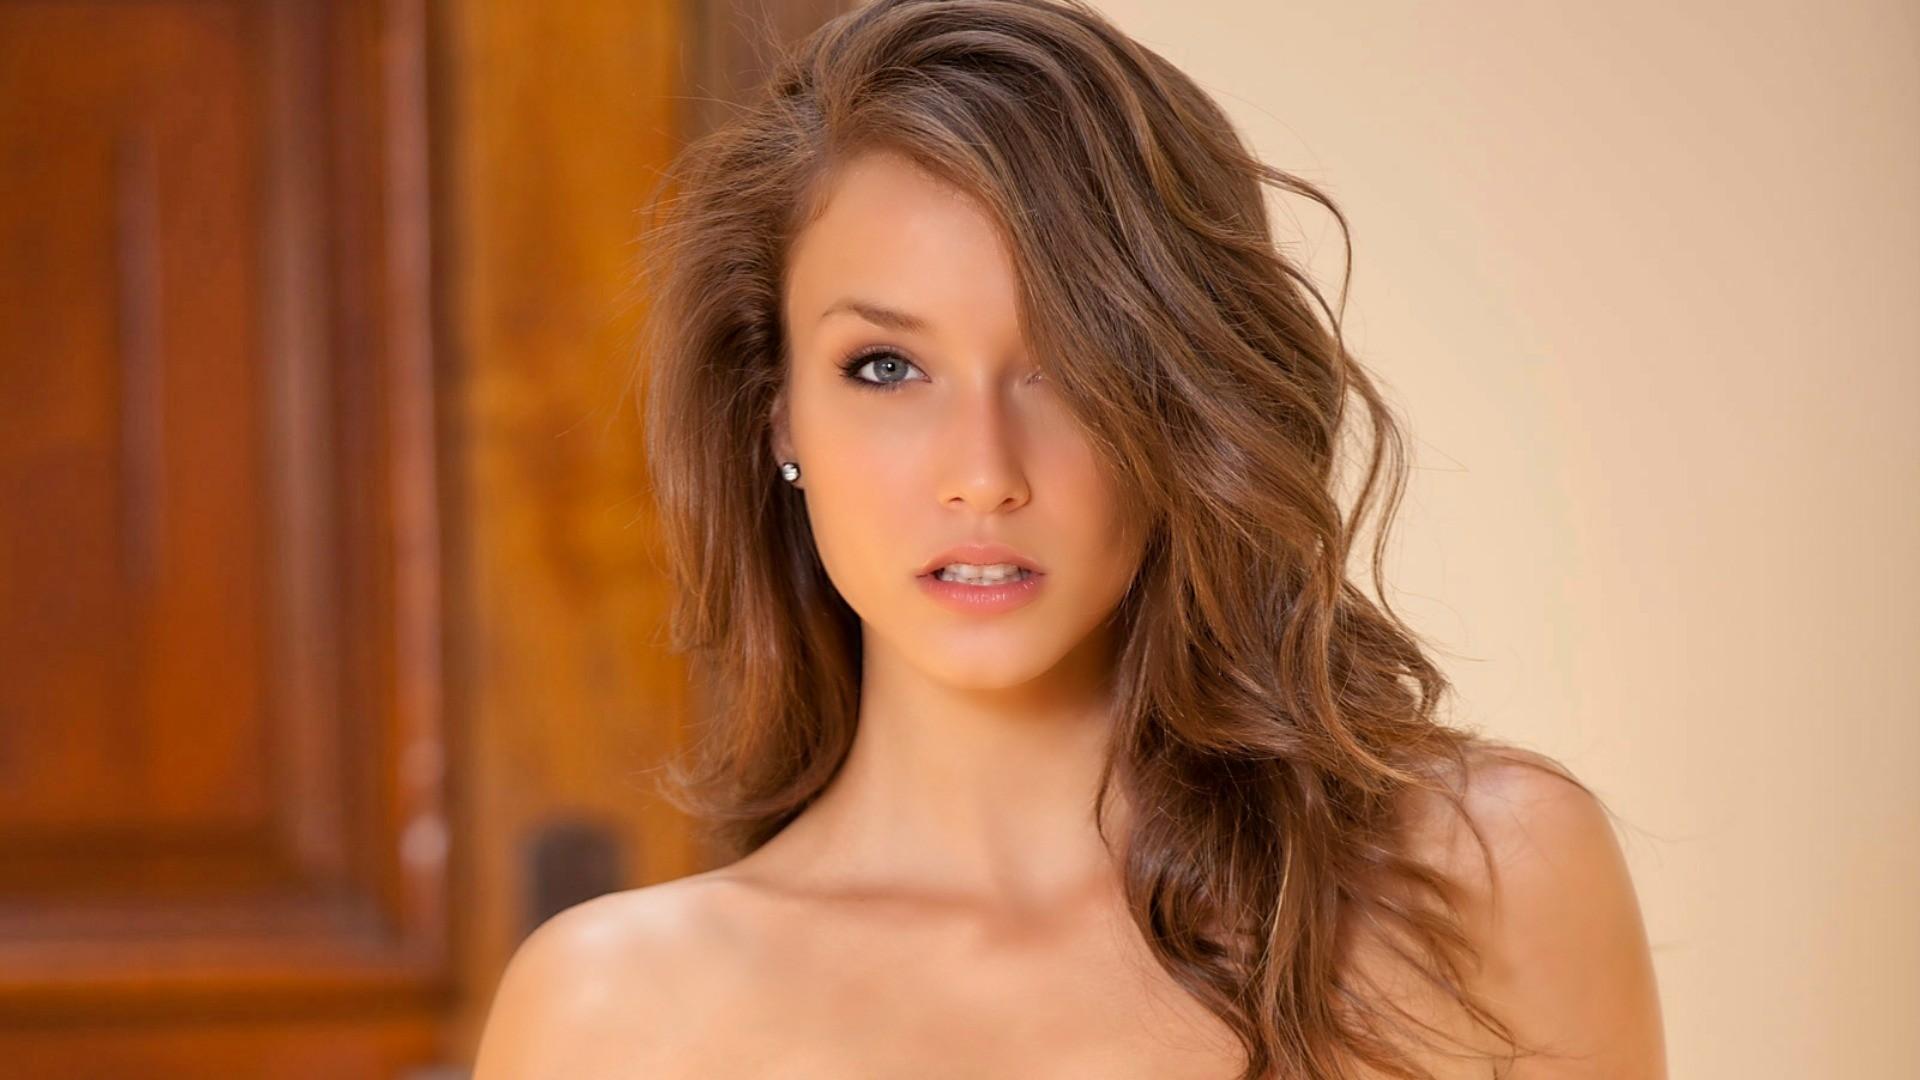 Brunette naked video, girl sucking thumb sex